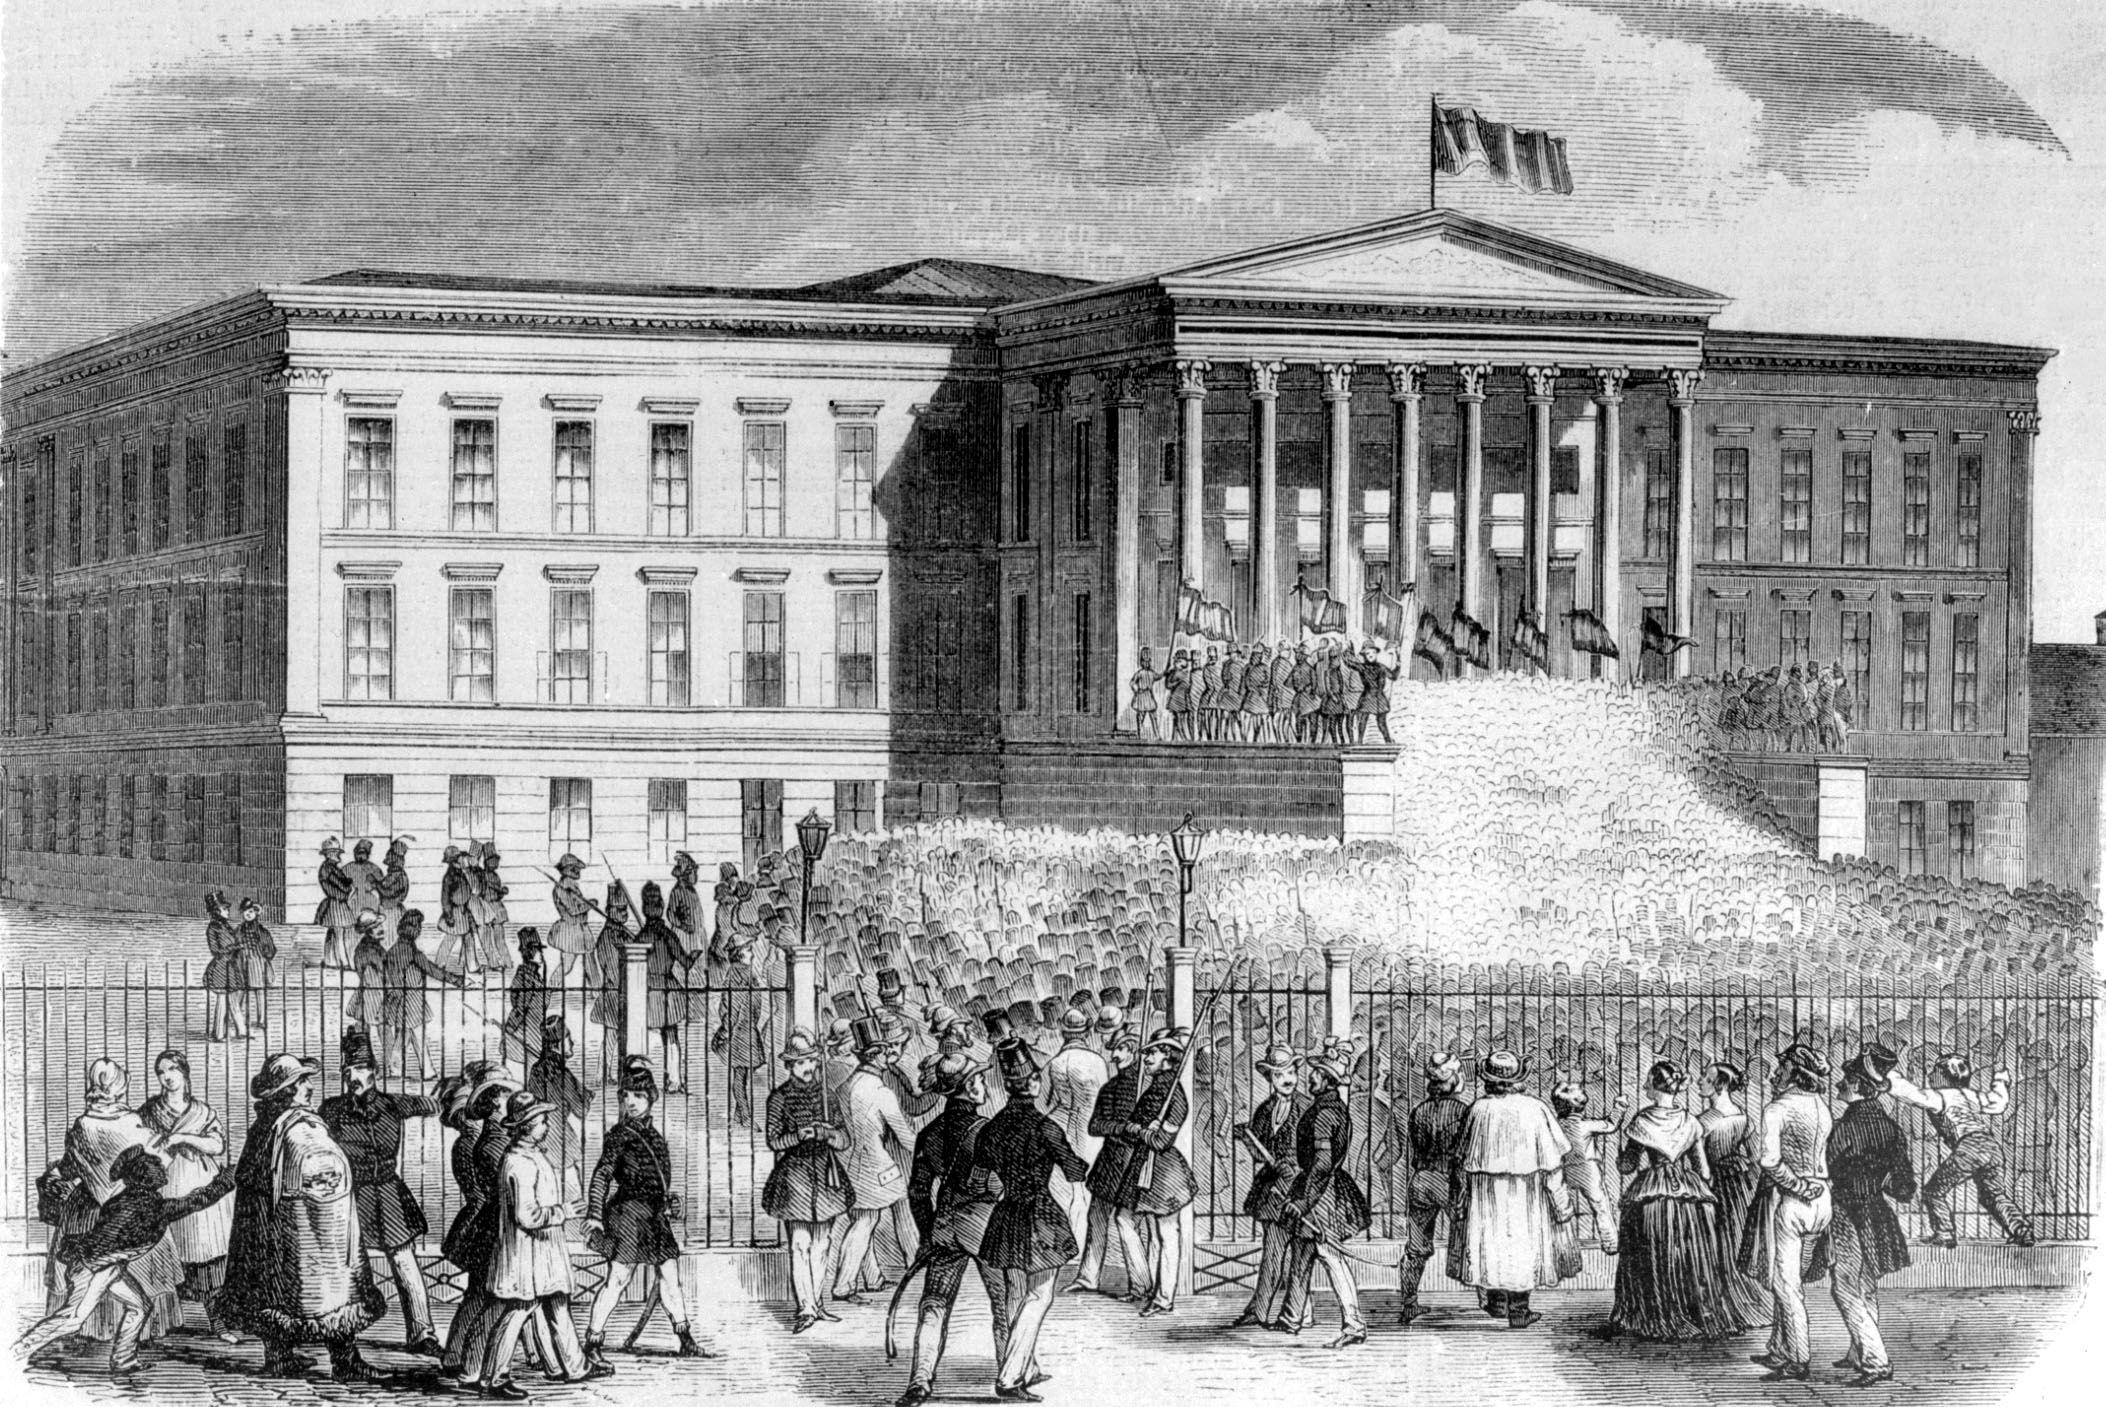 Pesten 1848. március 15-én győzött a polgári forradalom. A márciusi fiatalok cenzúra nélkül kinyomtatták Petőfi Sándor Nemzeti dal című költeményét és az Irinyi József által megfogalmazott, a modern polgári magyar nemzet életkereteit tartalmazó tizenkét pontot.